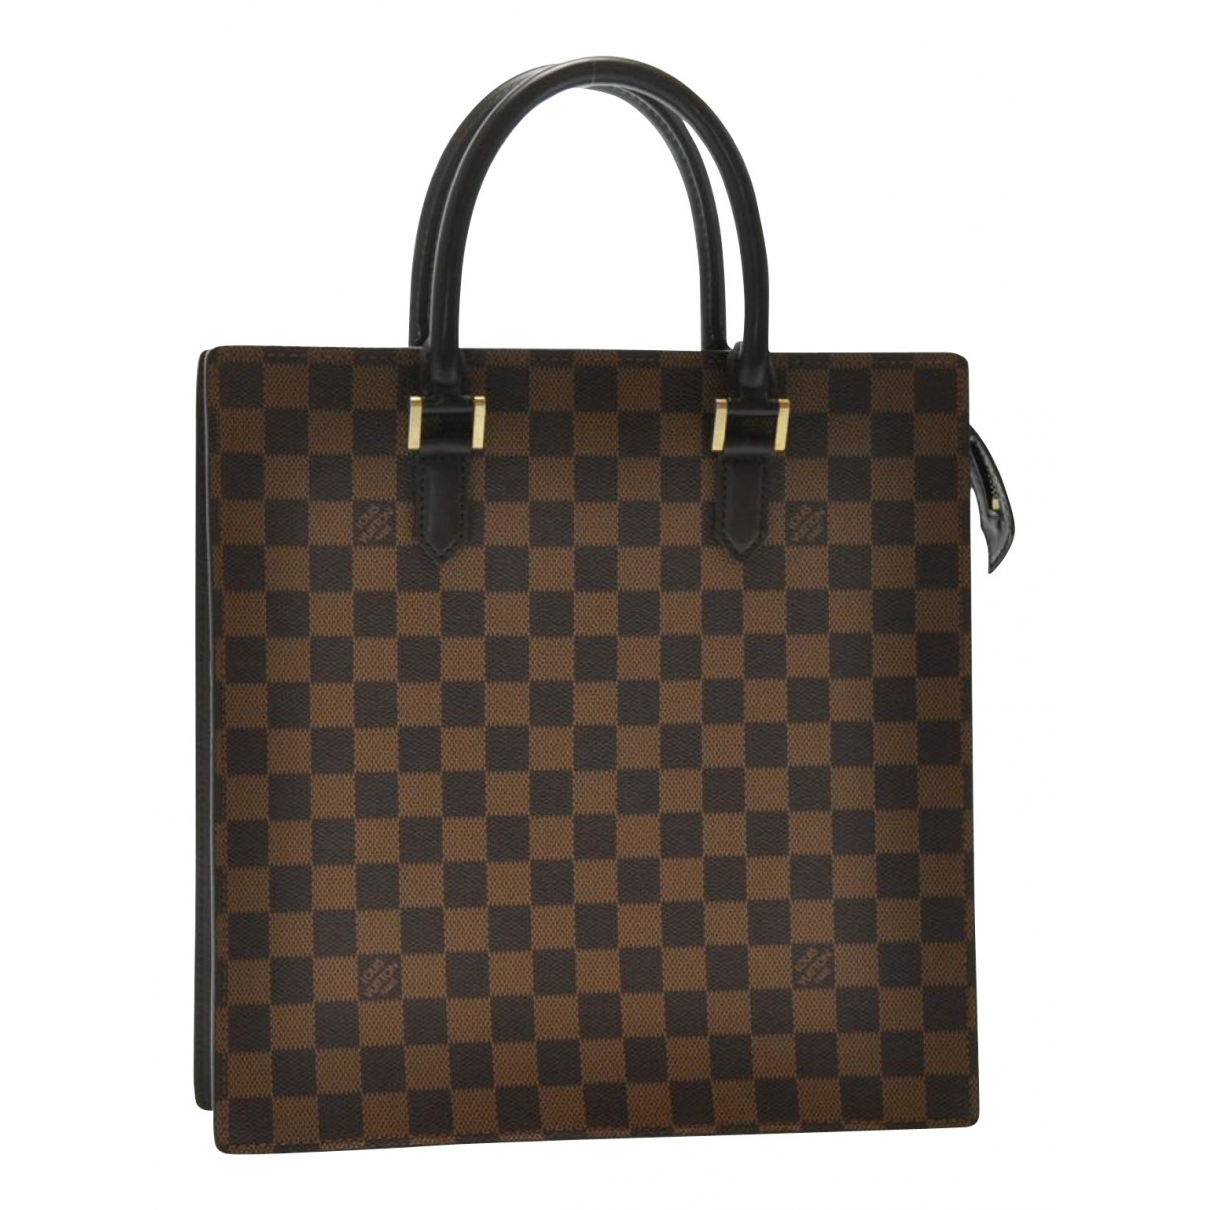 Louis Vuitton - Sac a main Plat pour femme en toile - marron